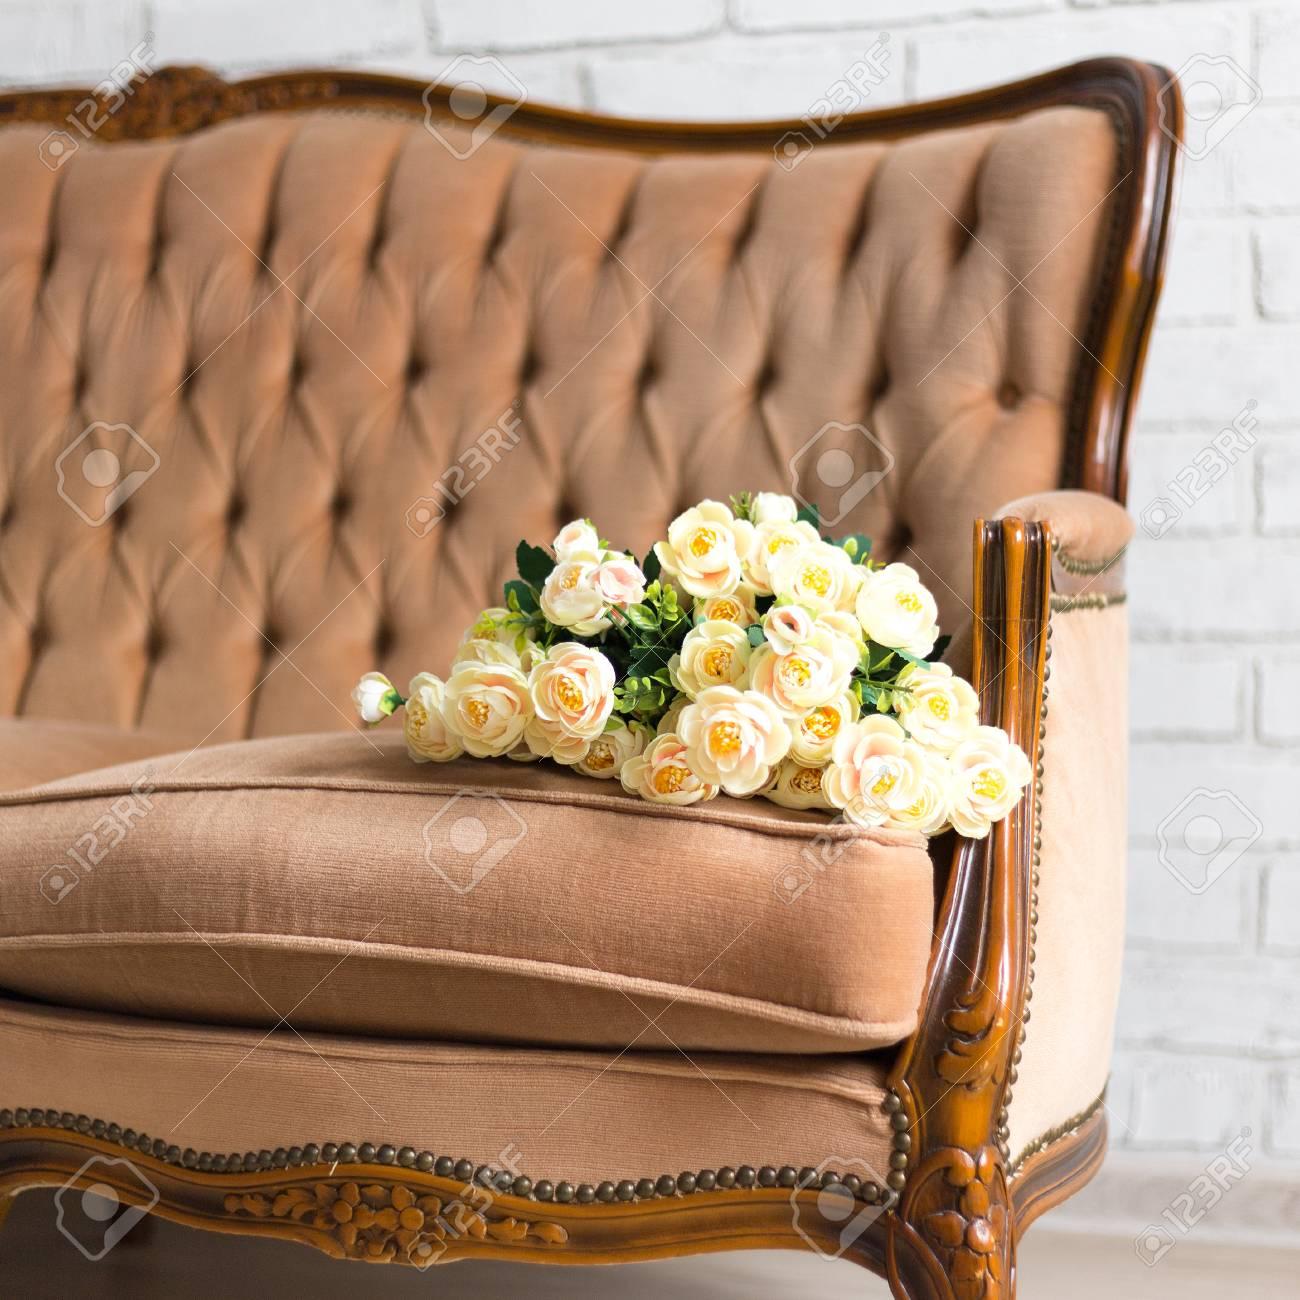 Verschiedene Sofa Rose Das Beste Von Bouquet Of Flowers On Ancient Vintage Stock